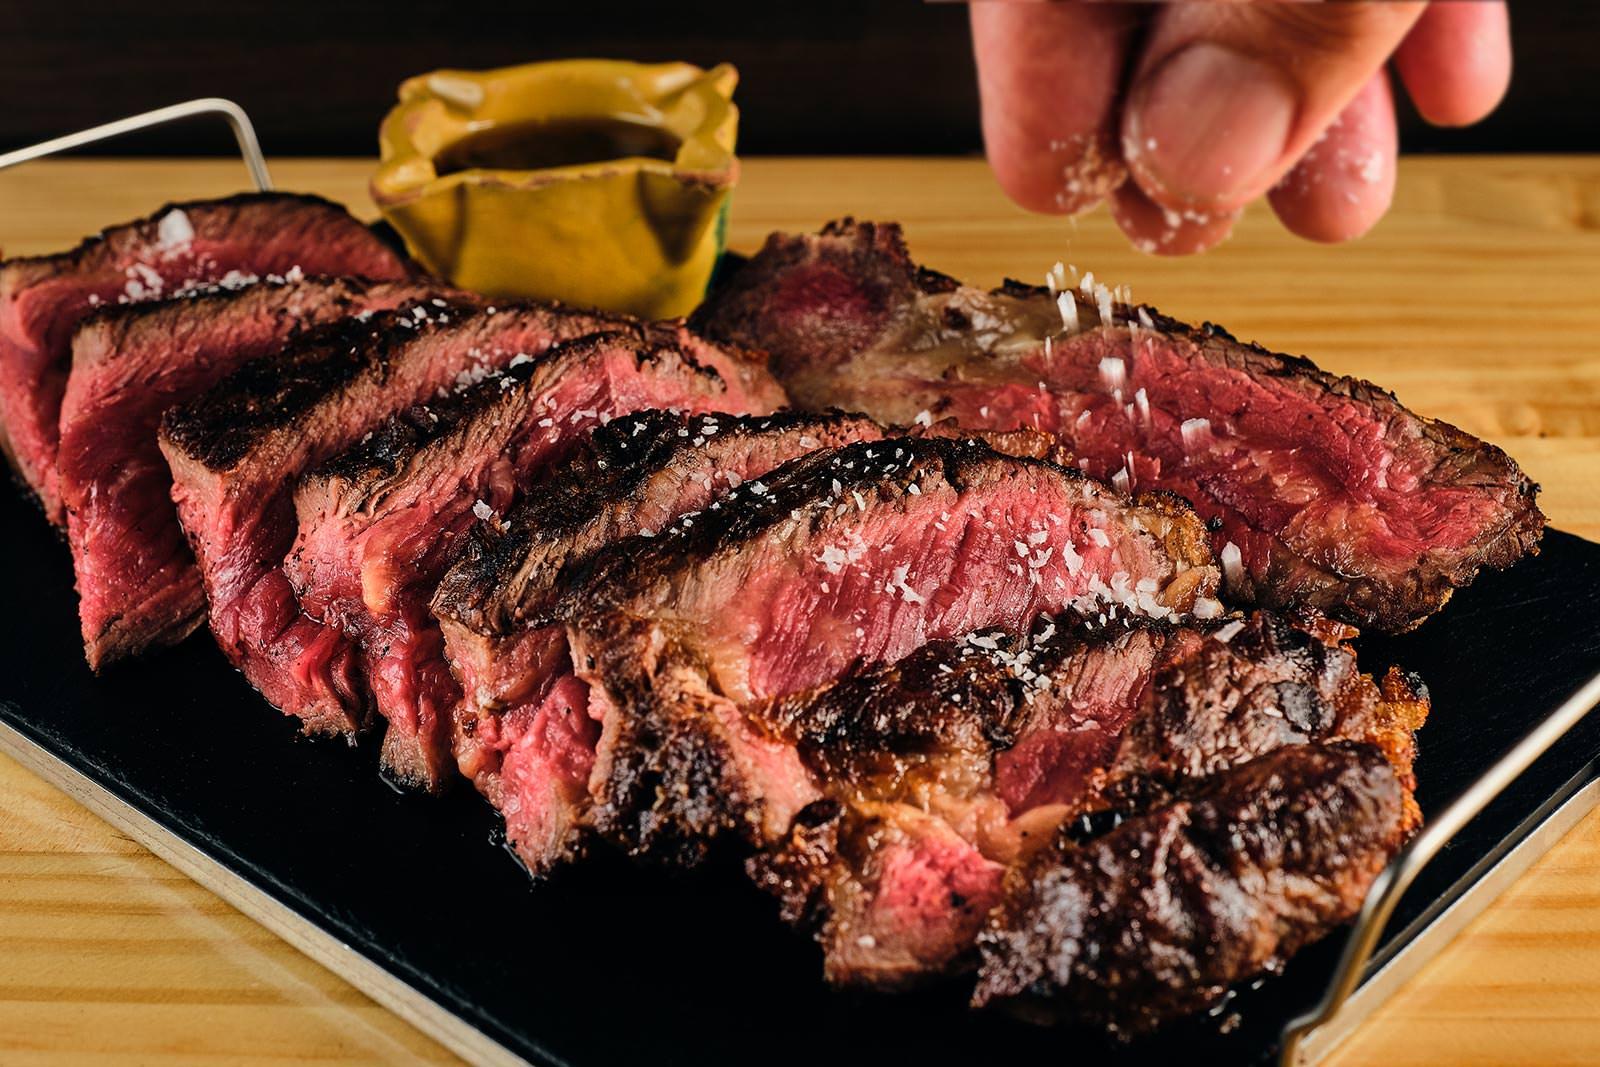 fotografia_restaurante_granada_05 Fotografía Restaurante en Granada - Negro Carbón Gastronómica